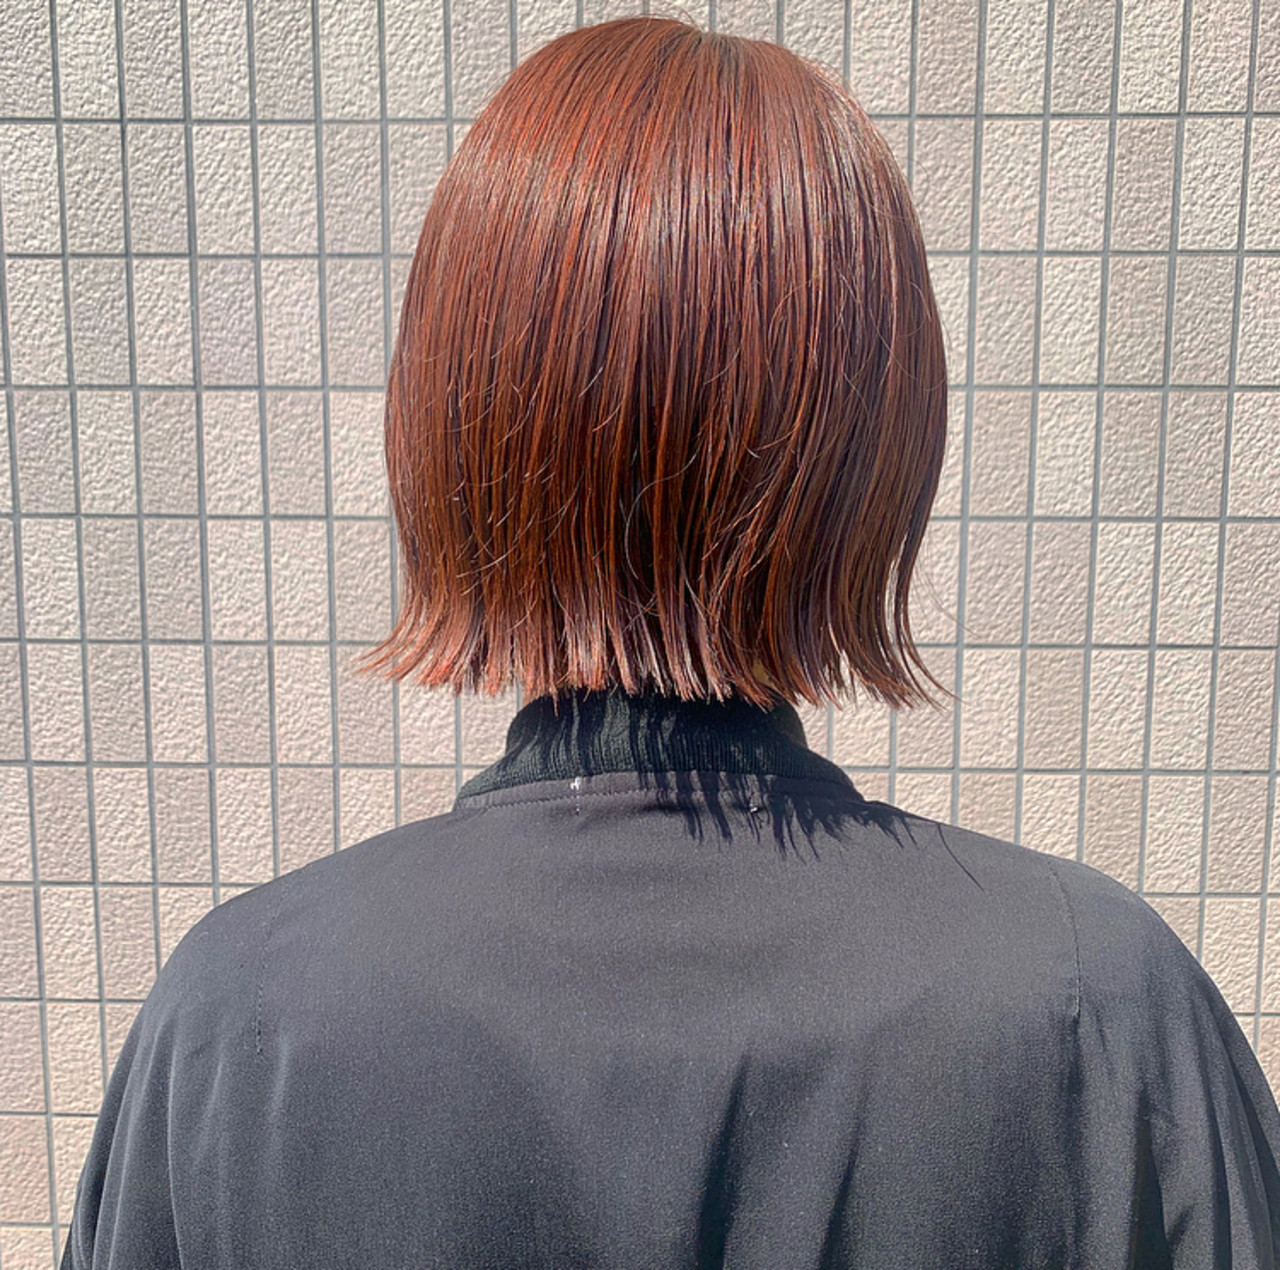 ナチュラル オレンジカラー 切りっぱなしボブ ショート ヘアスタイルや髪型の写真・画像